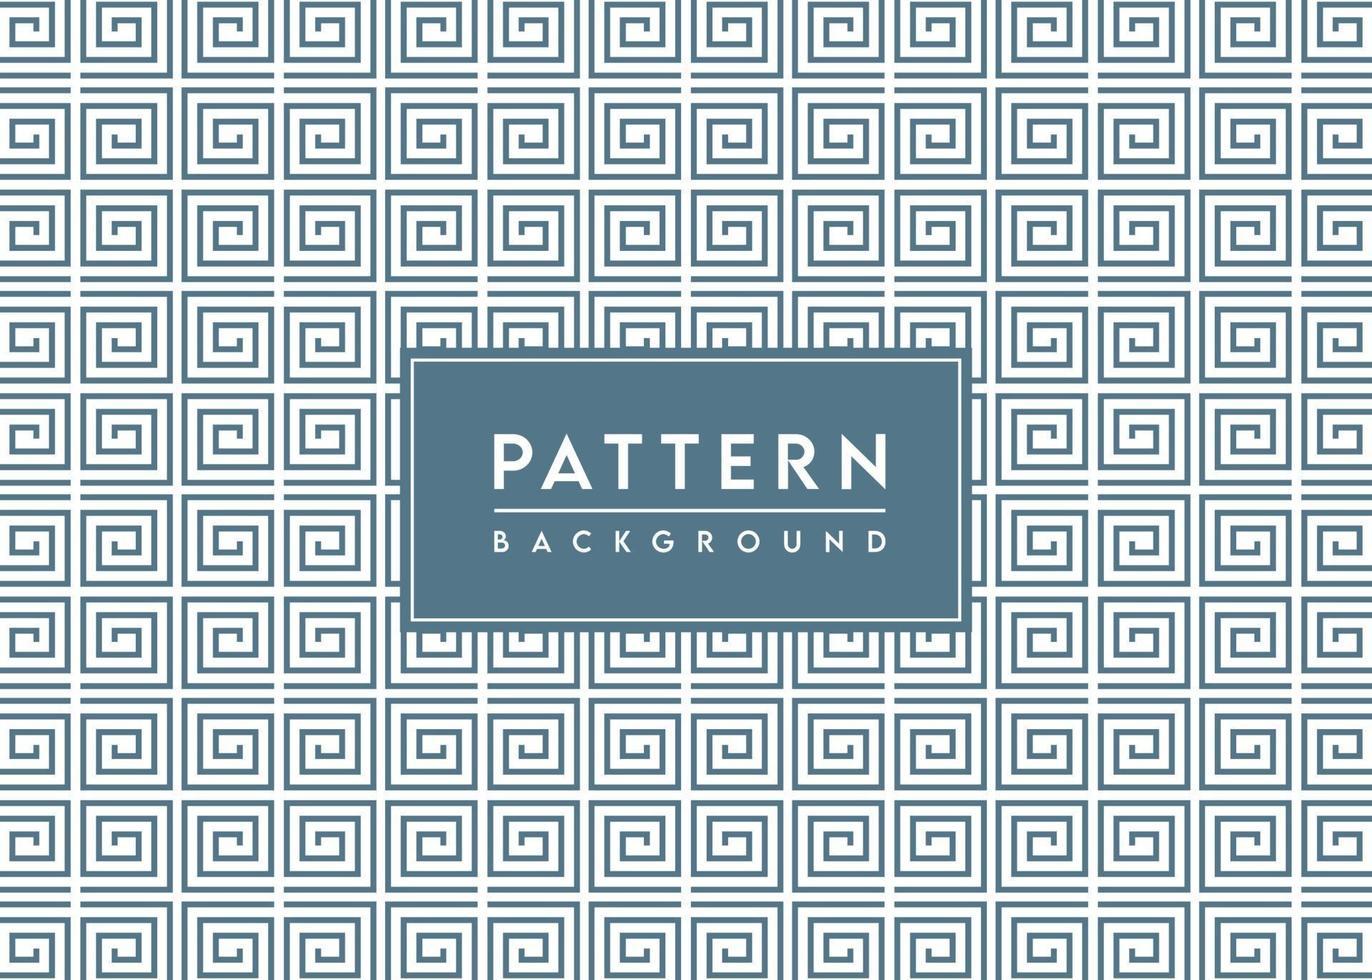 espiral patrón cuadrado fondo texturado diseño vectorial vector